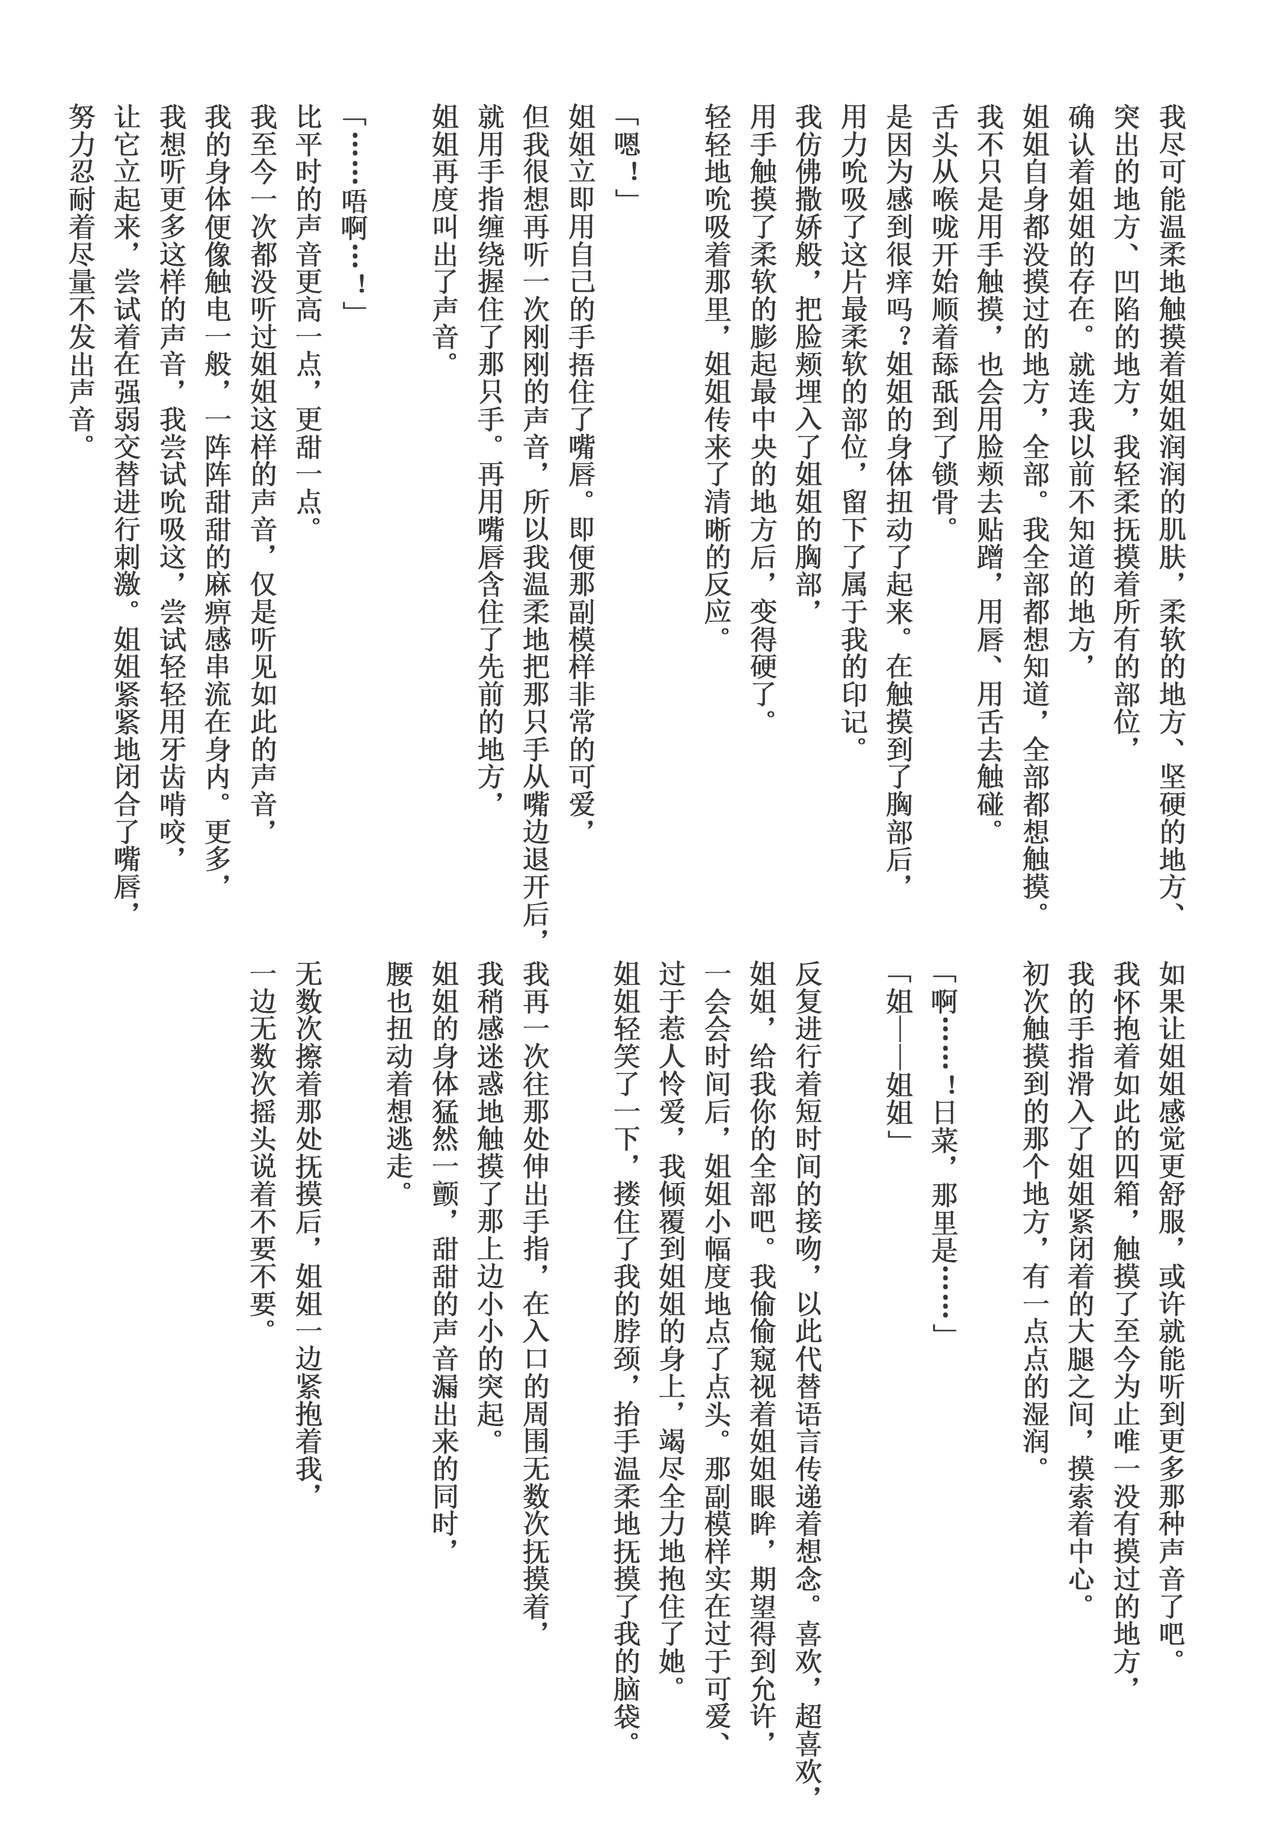 氷川姉妹18禁合同「今日は一緒に寝てもいい?」 89